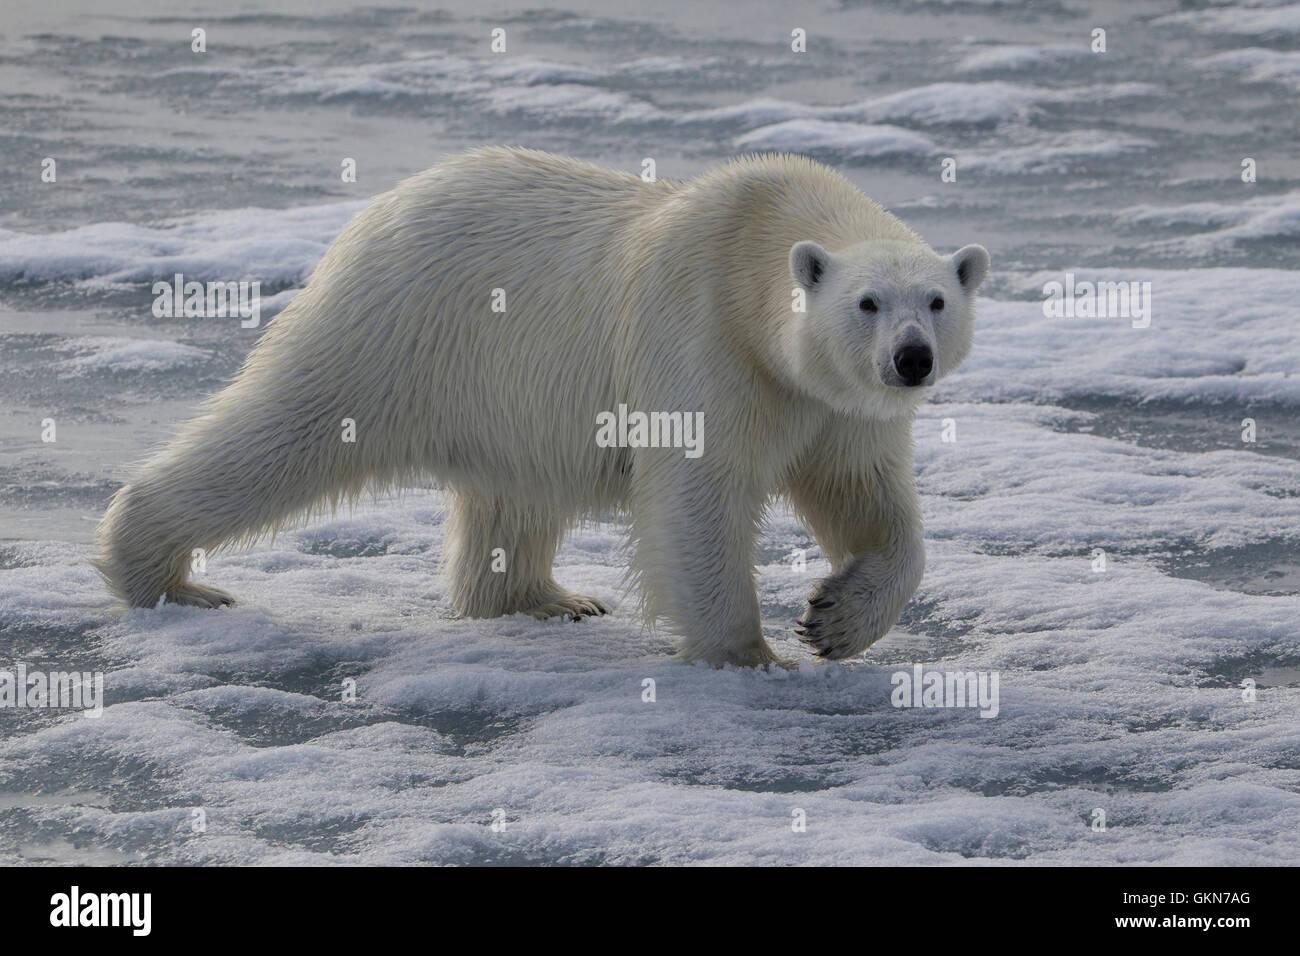 Eisbär, Ursus Maritimus, Spaziergänge über das Eis, Spitzbergen, Arktis. Stockbild